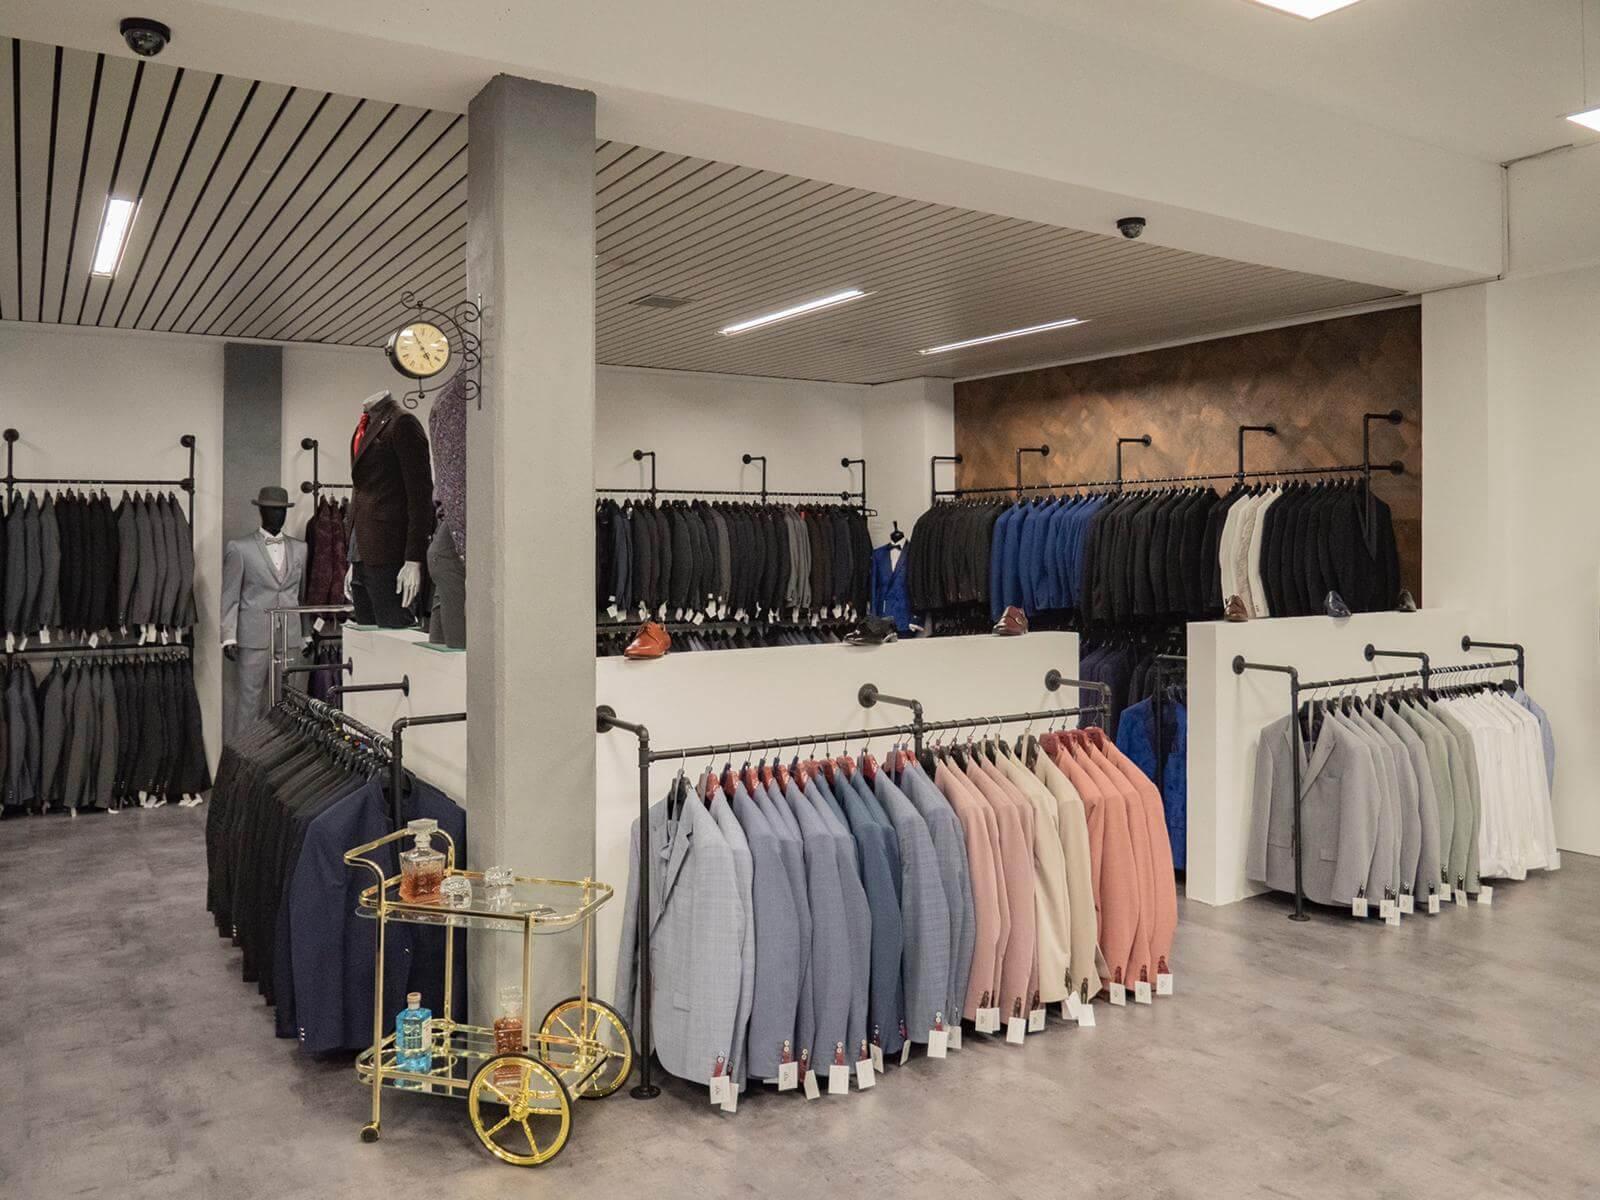 Ladeneinrichtung im industrial design aus rohren Anzugladen Brautmode im industrie look mit pamo kleiderstangen für die wand